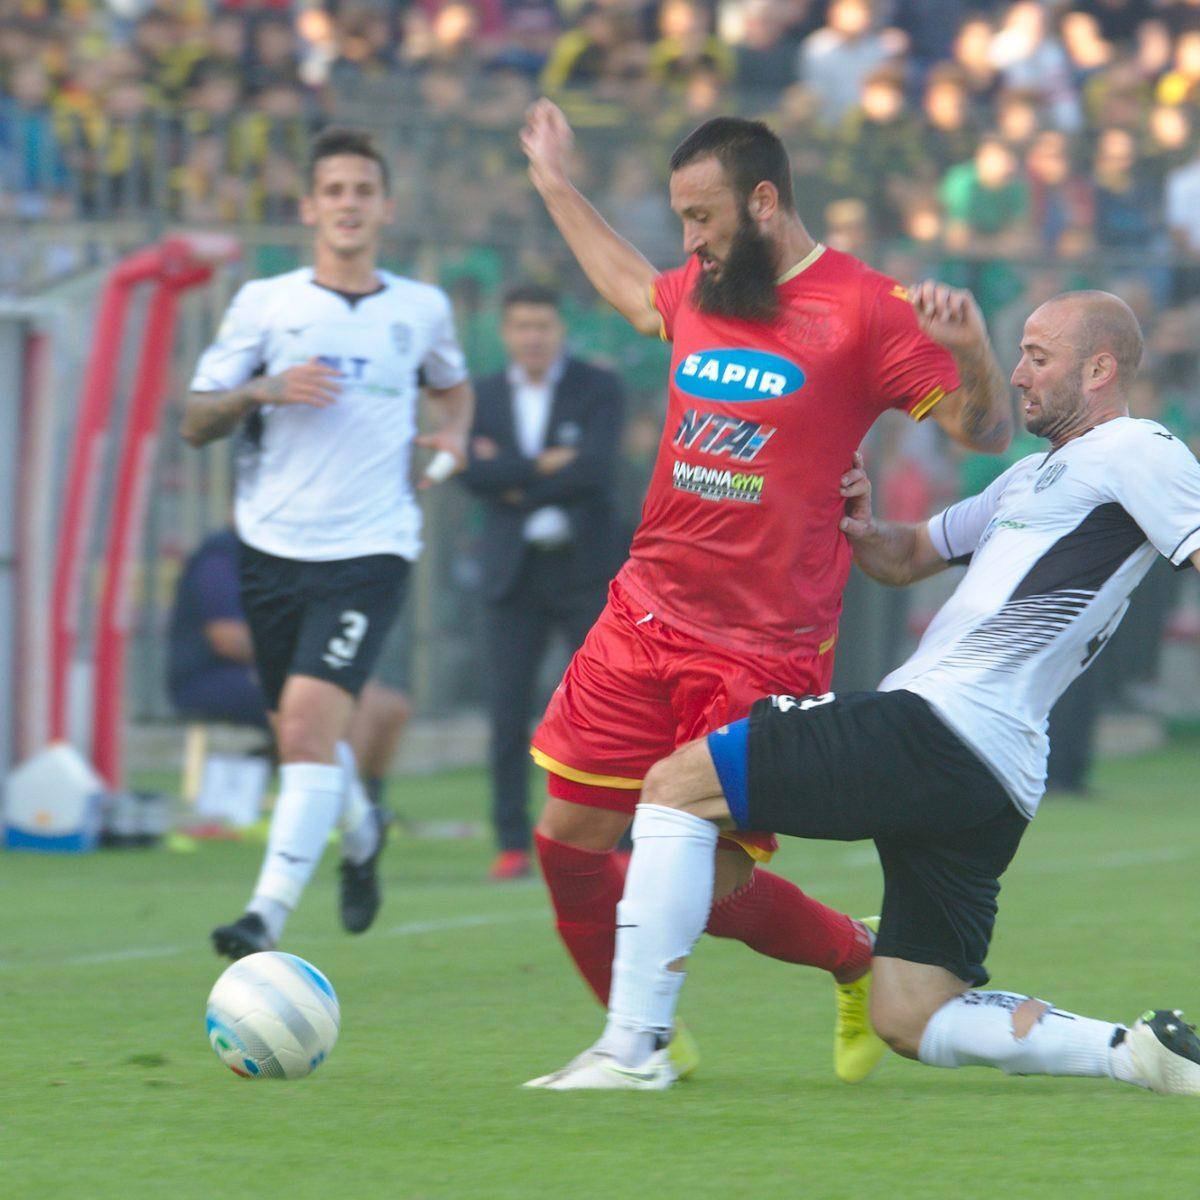 Calcio serie C, il 6 novembre torna Ravenna-Cesena in Coppa